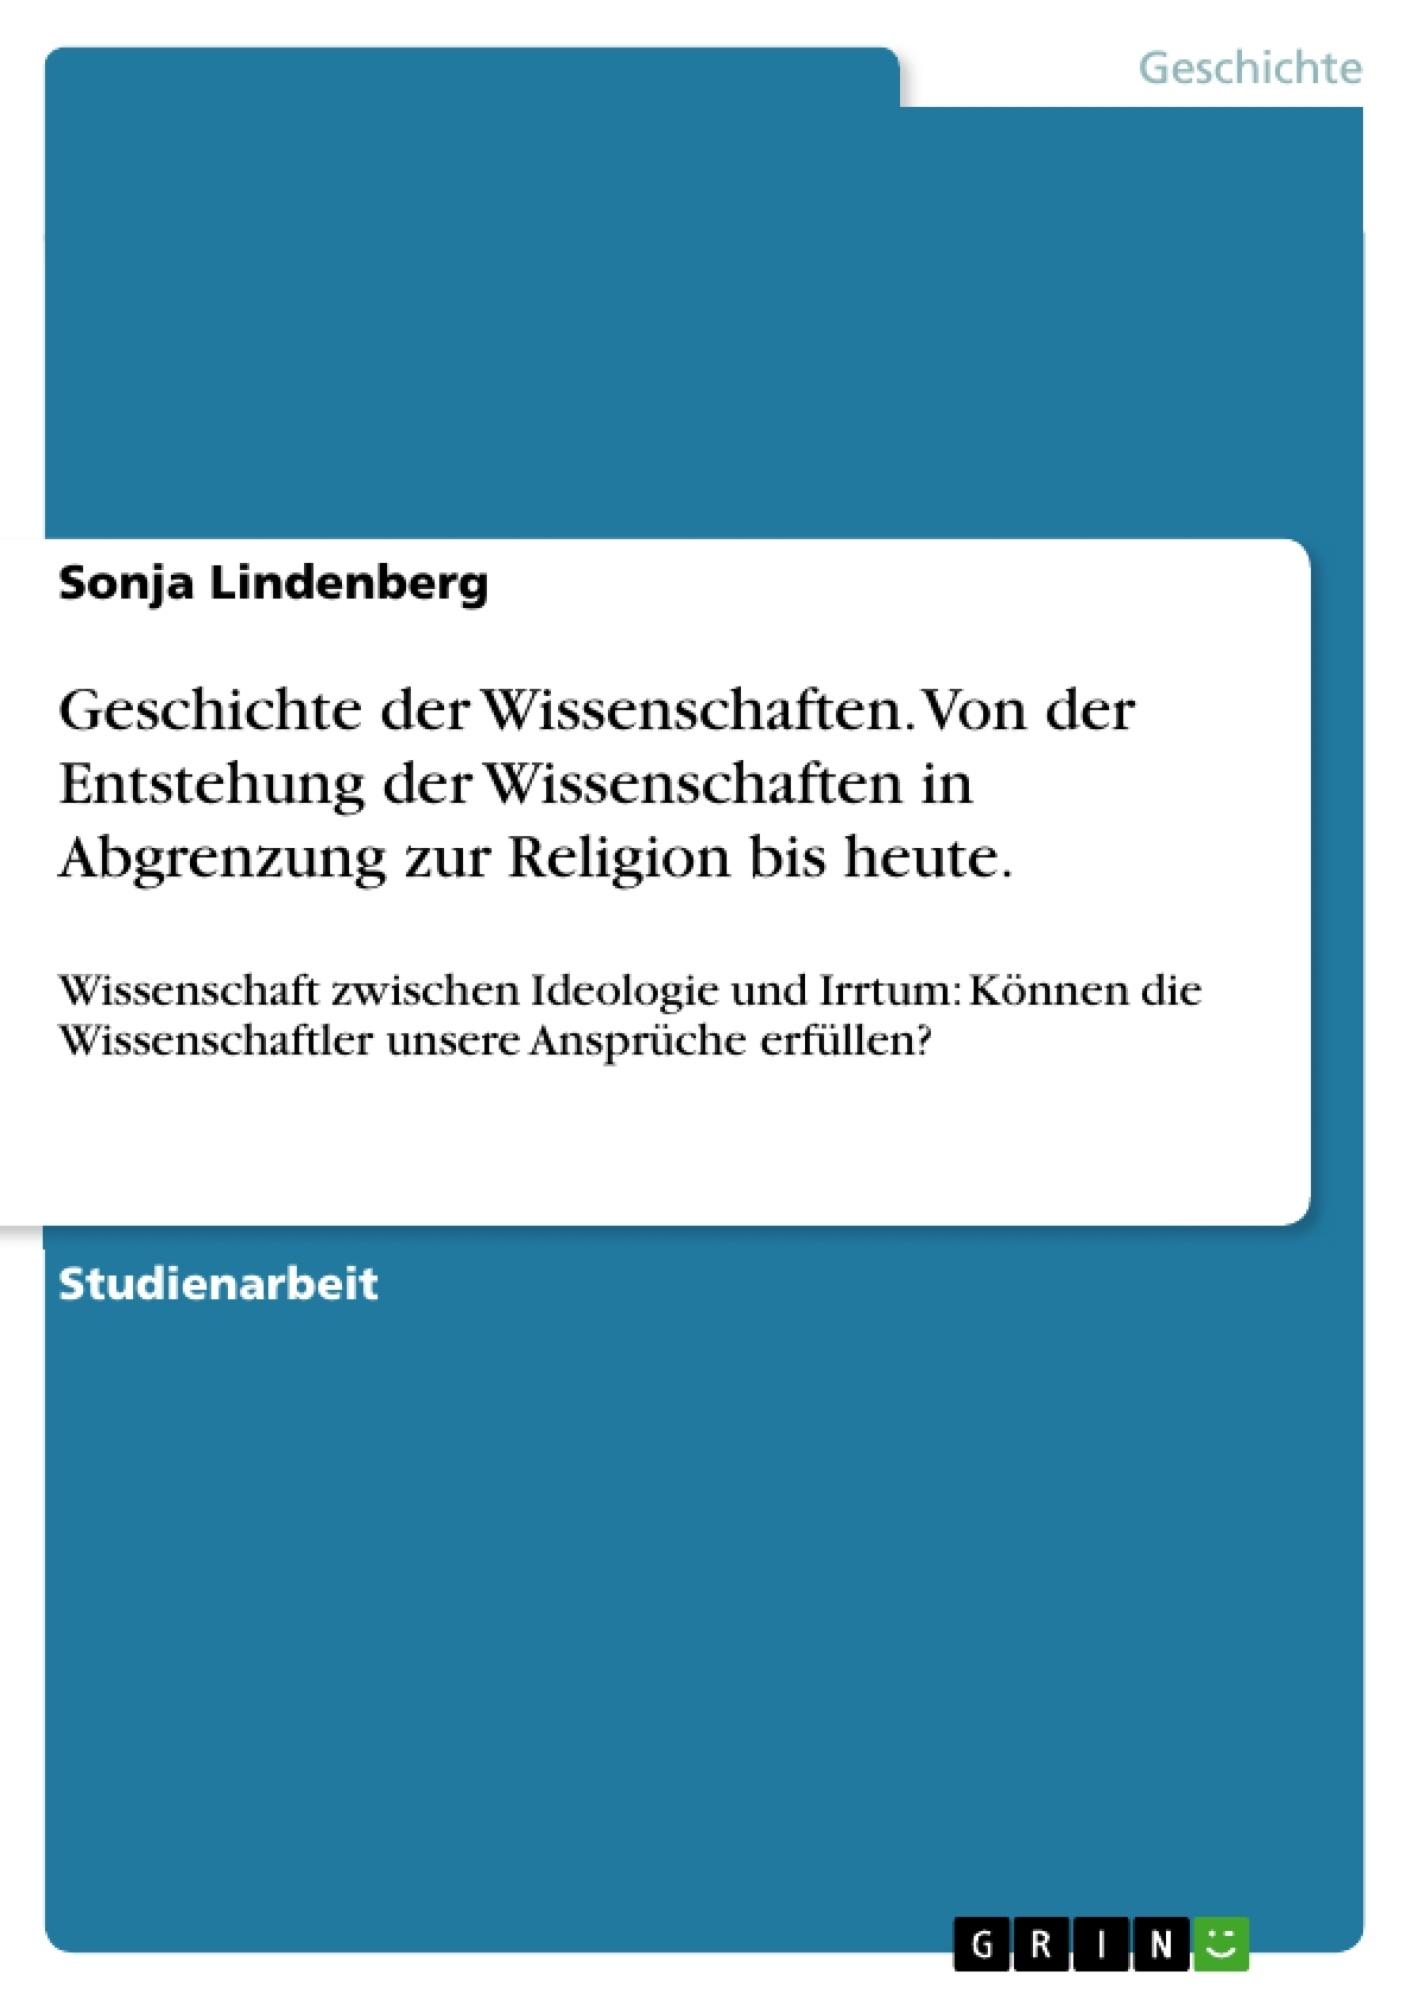 Titel: Geschichte der Wissenschaften. Von der Entstehung der Wissenschaften in Abgrenzung zur Religion bis heute.